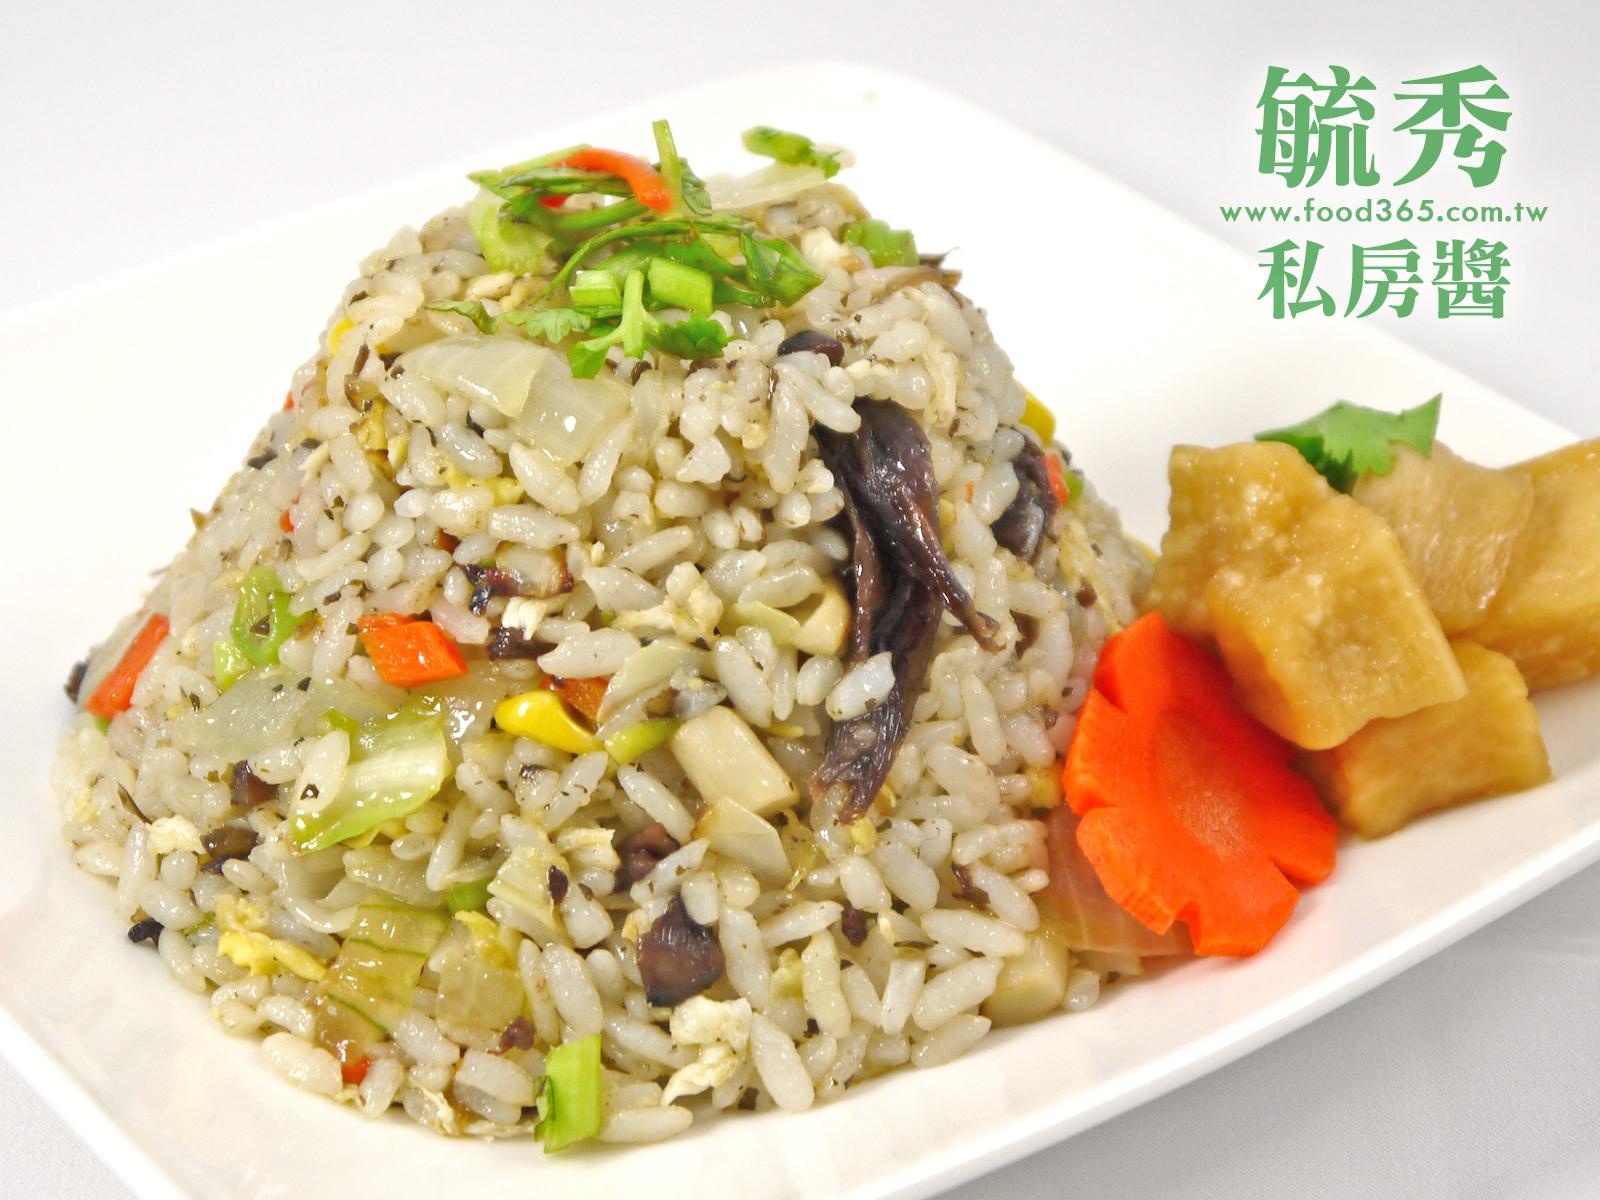 純素-梅干炒飯【猴菇梅干醬】